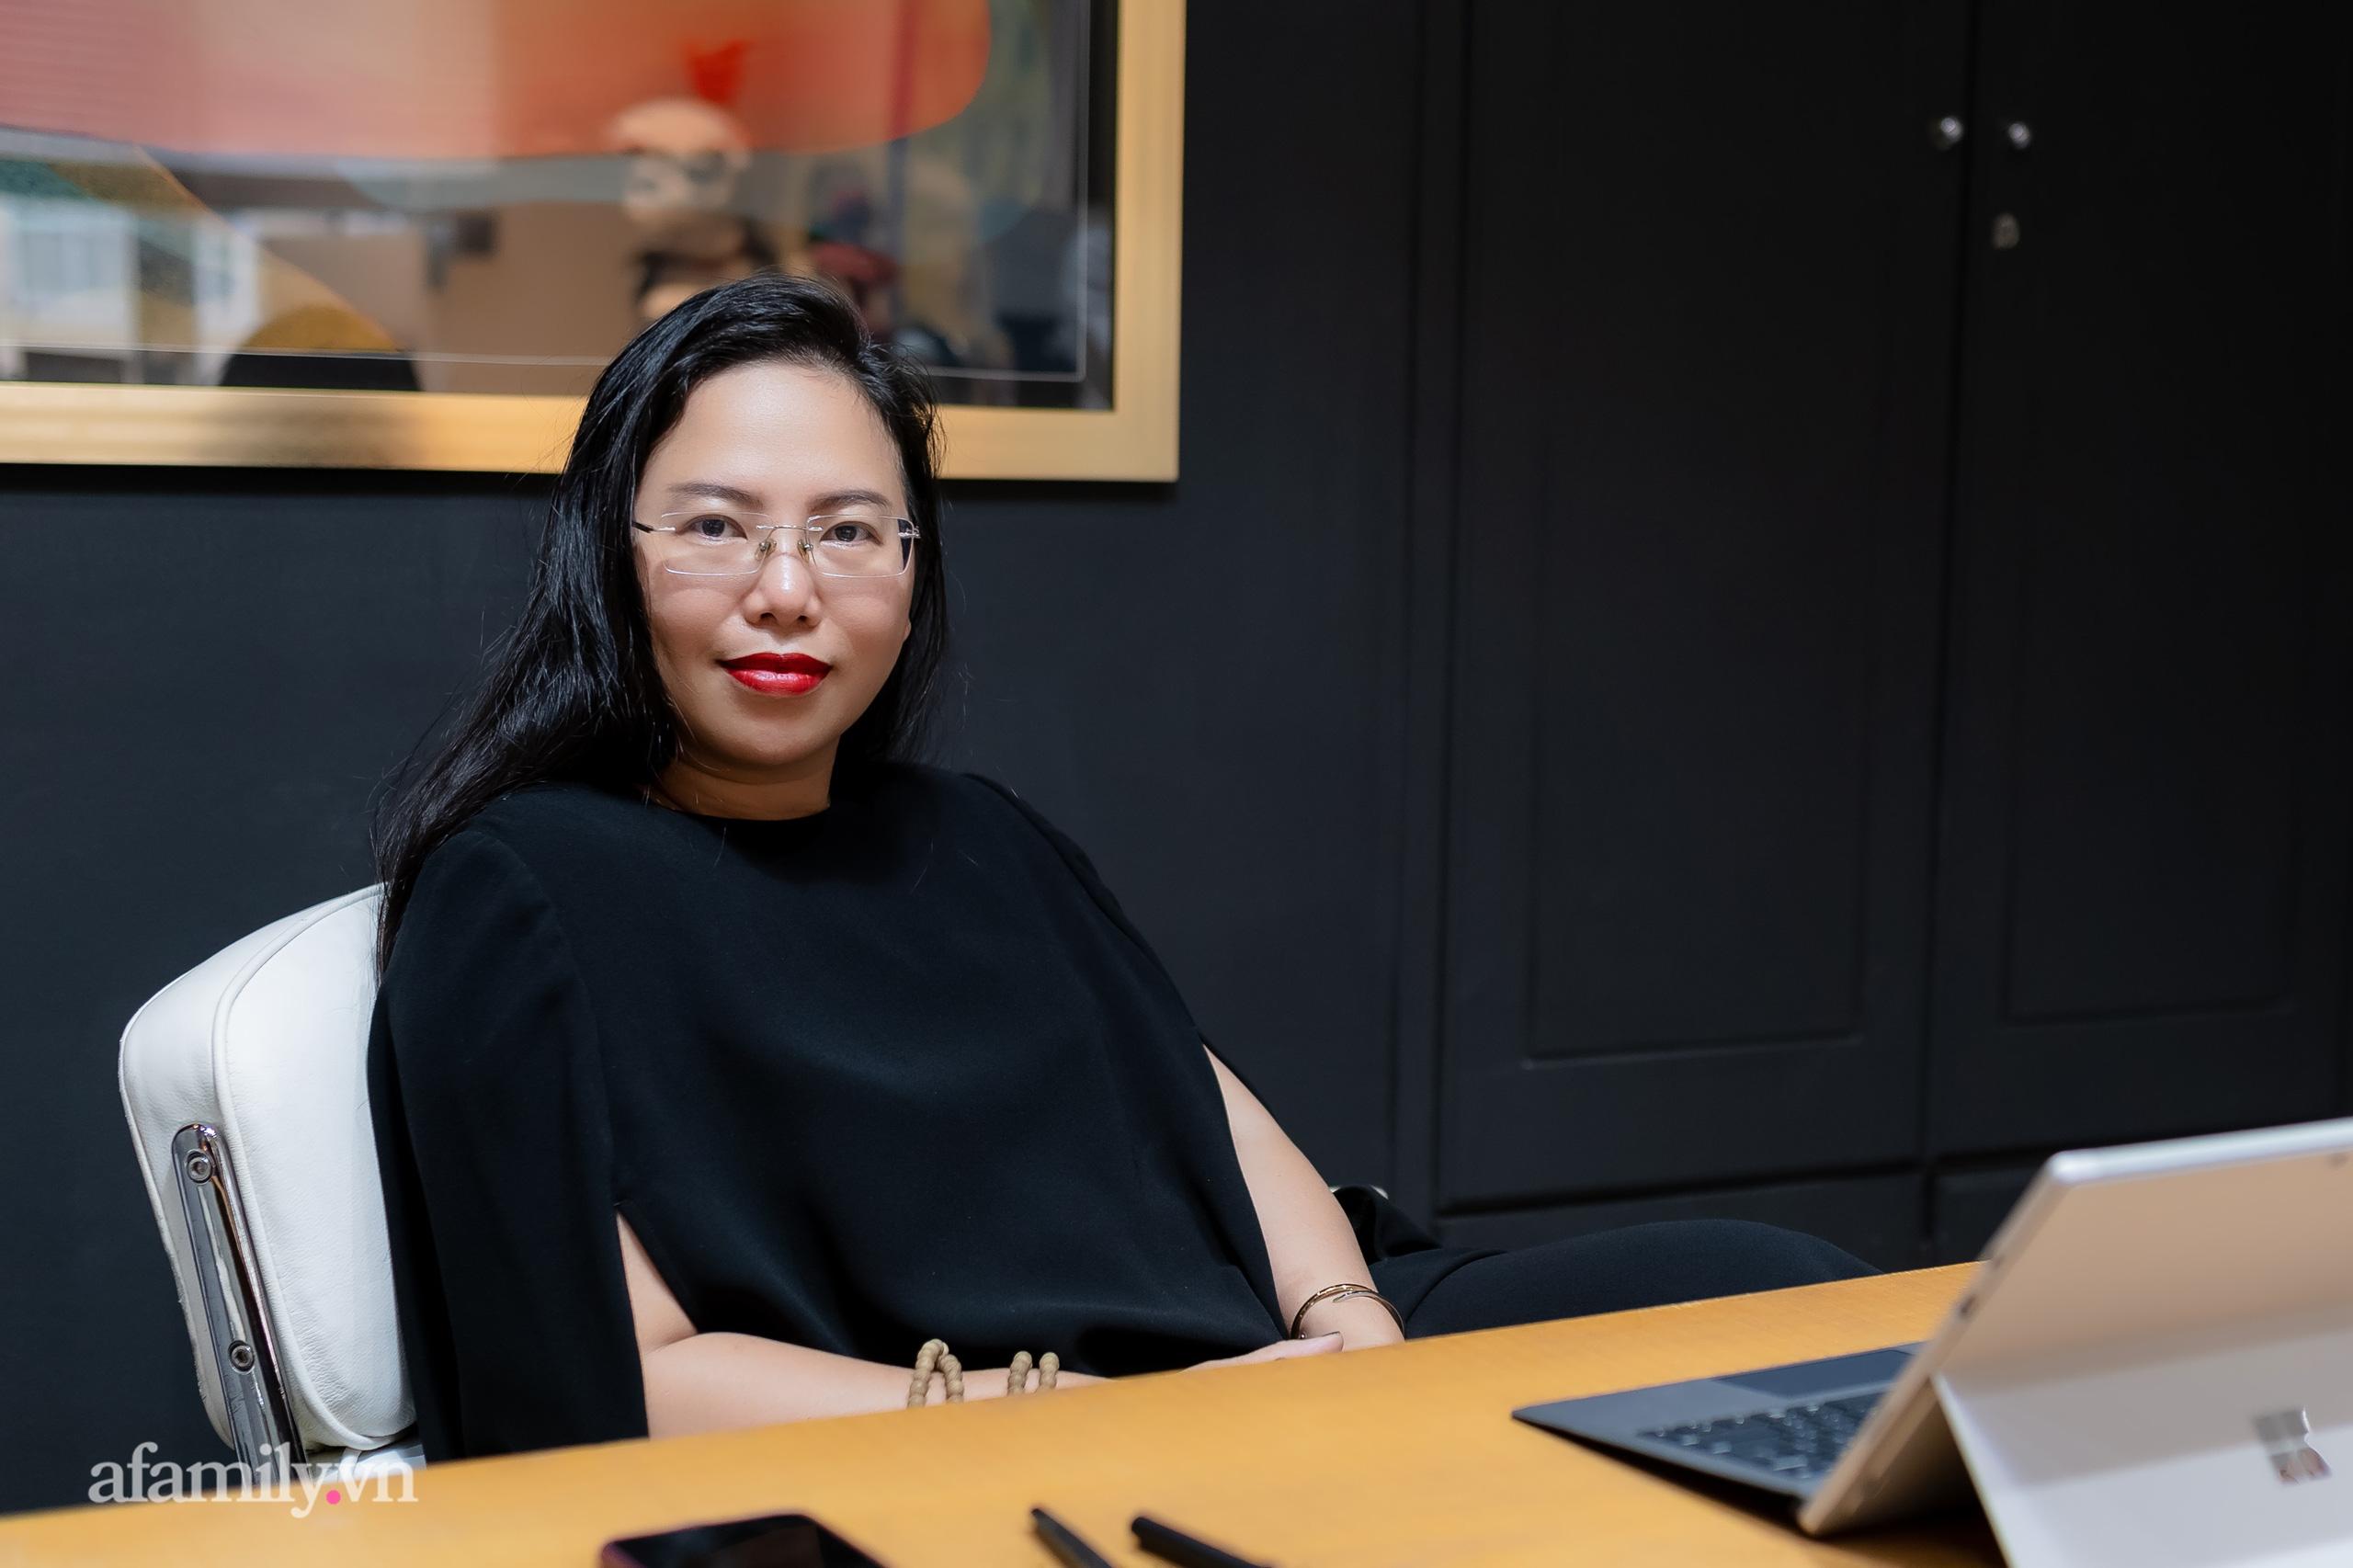 """Gặp người phụ nữ đứng sau thành công của cây Cầu Vàng """"made in Vietnam"""" nổi tiếng khắp thế giới, nghe kể về ý nghĩa thật của đôi bàn tay khổng lồ và bí mật cuộc sống của một nữ kiến trúc sư - Ảnh 8."""